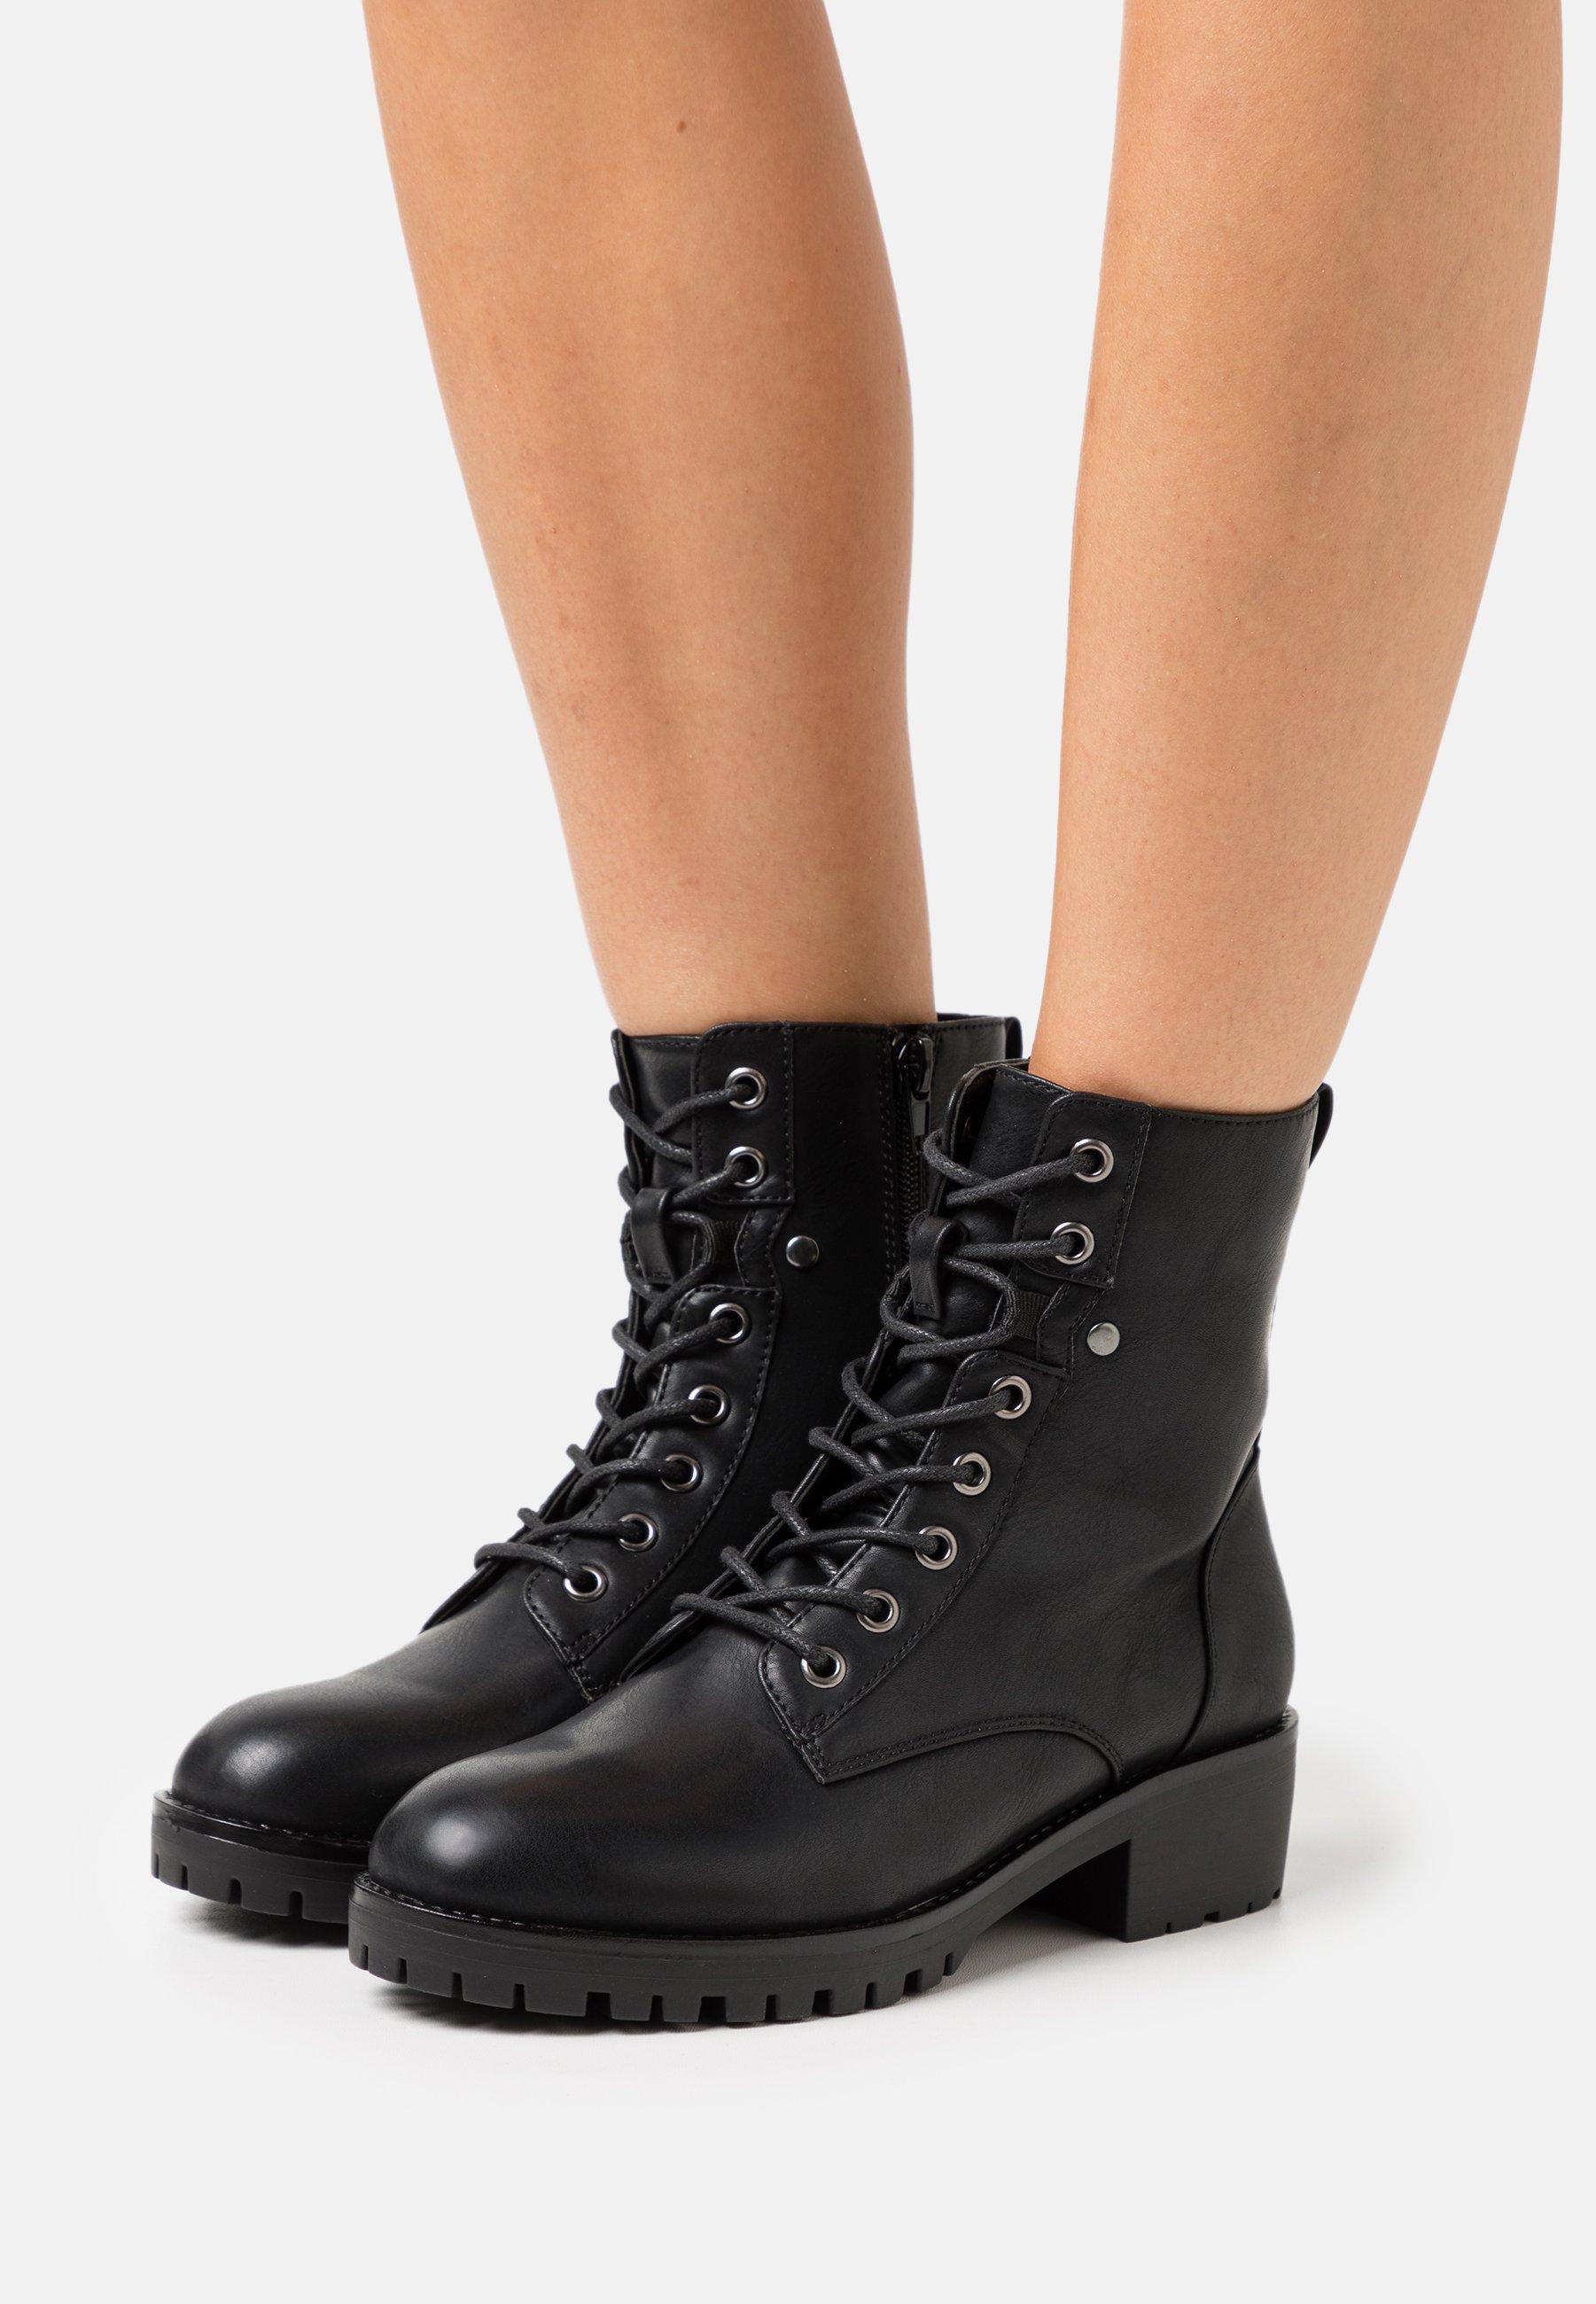 Damen Schnürstiefelette - black